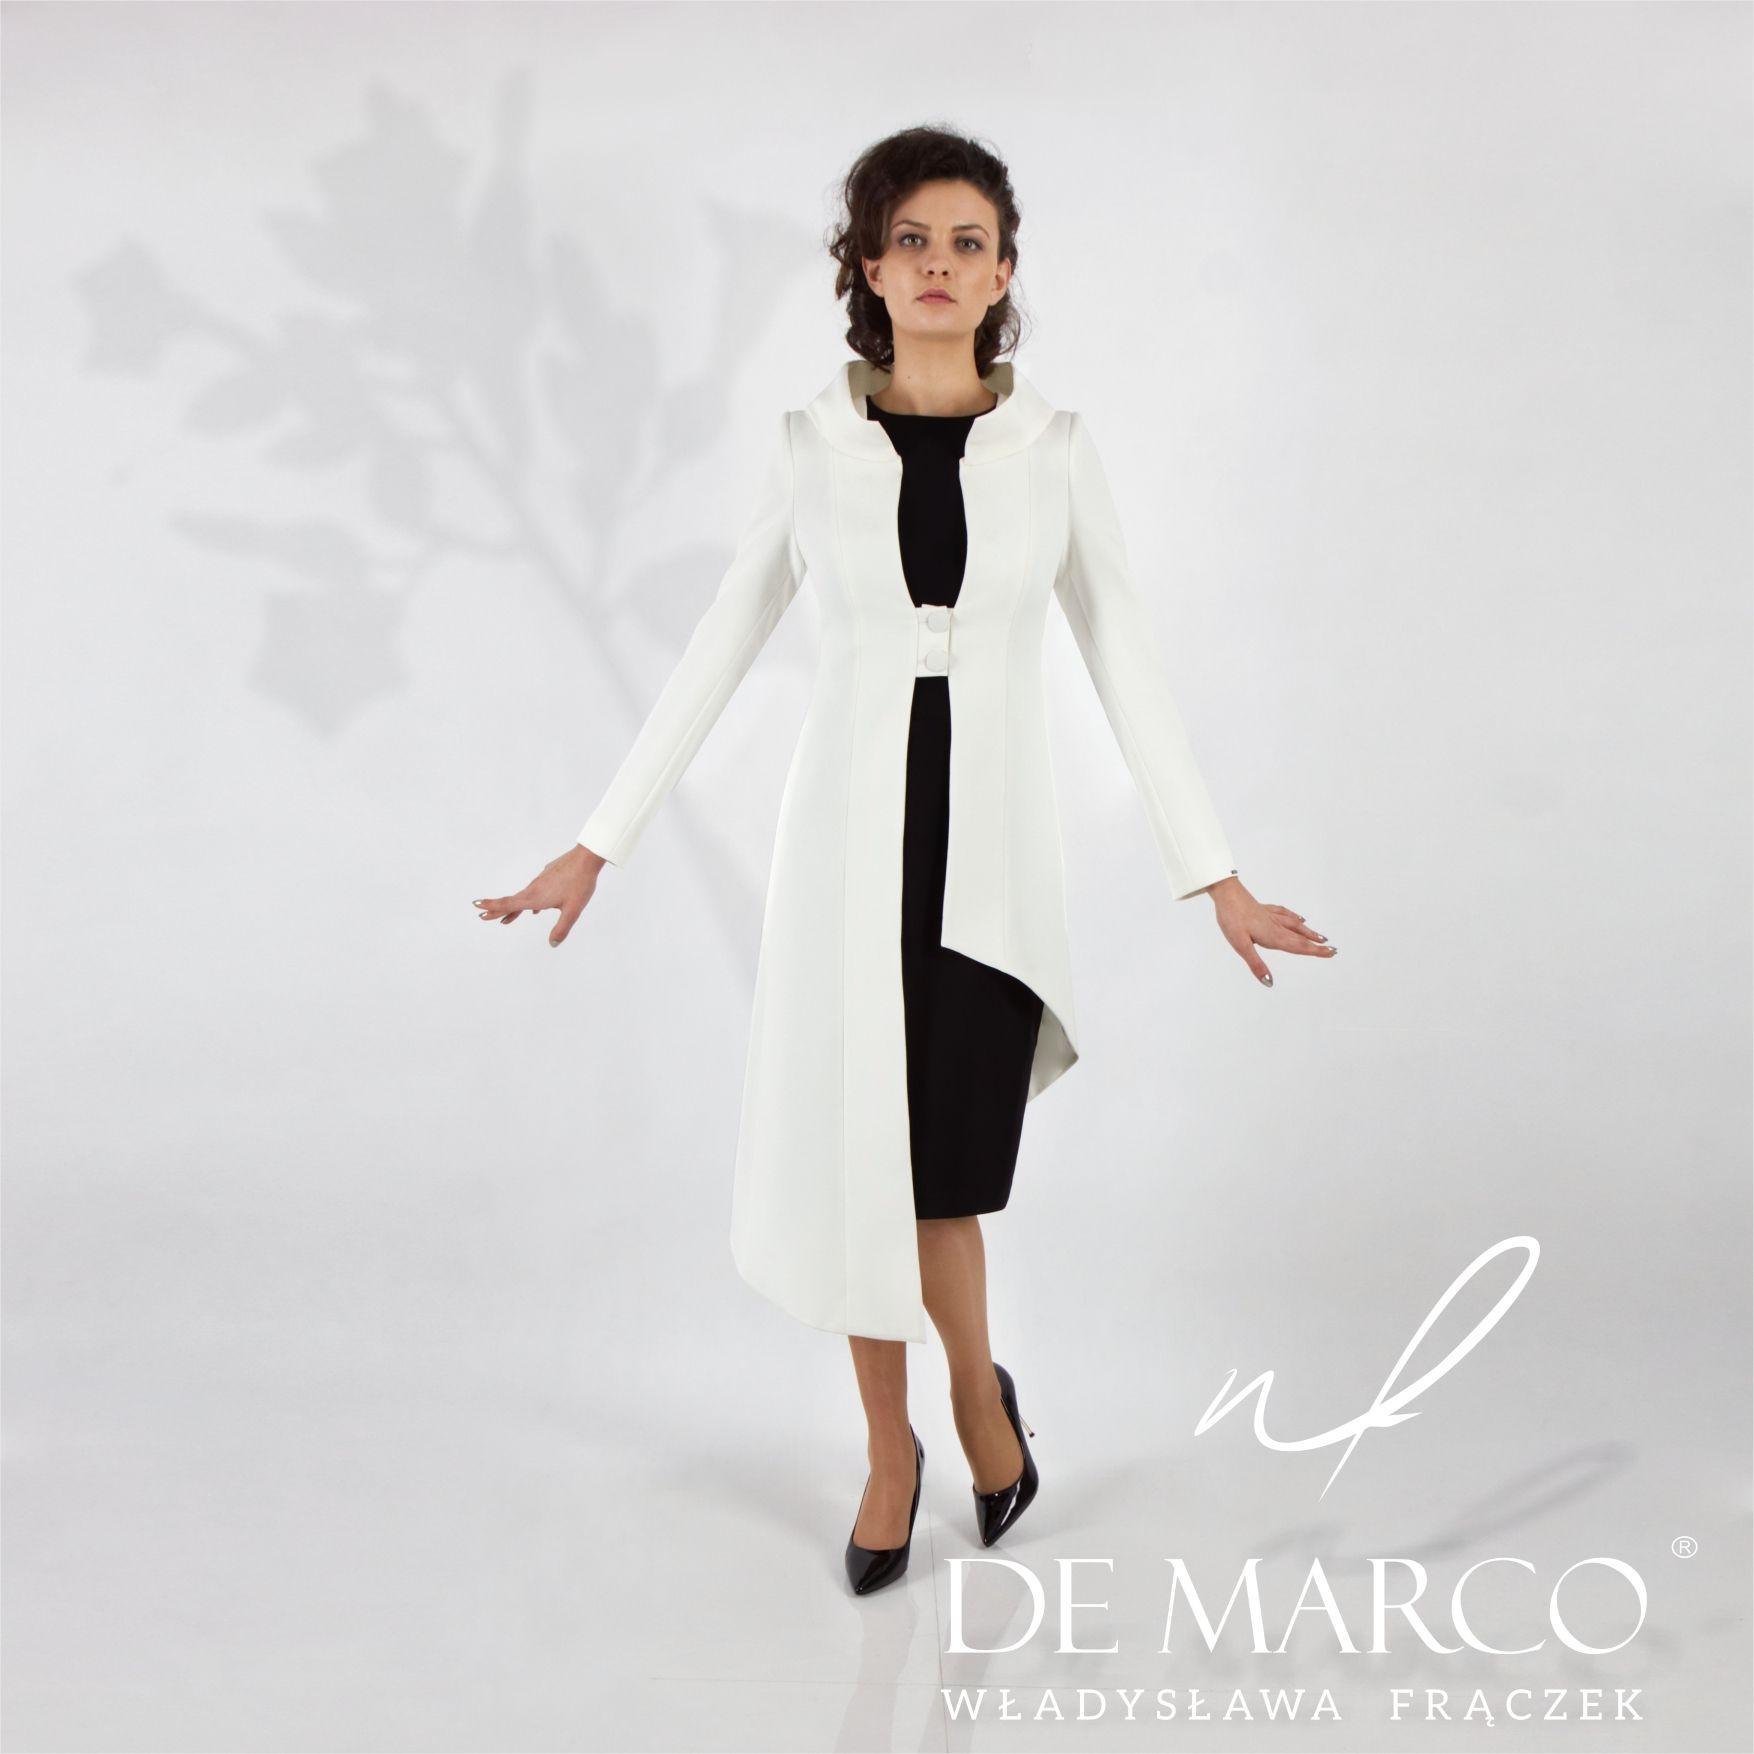 płaszczyk do sukienki na wesele in 2020 | Fashion, Coat